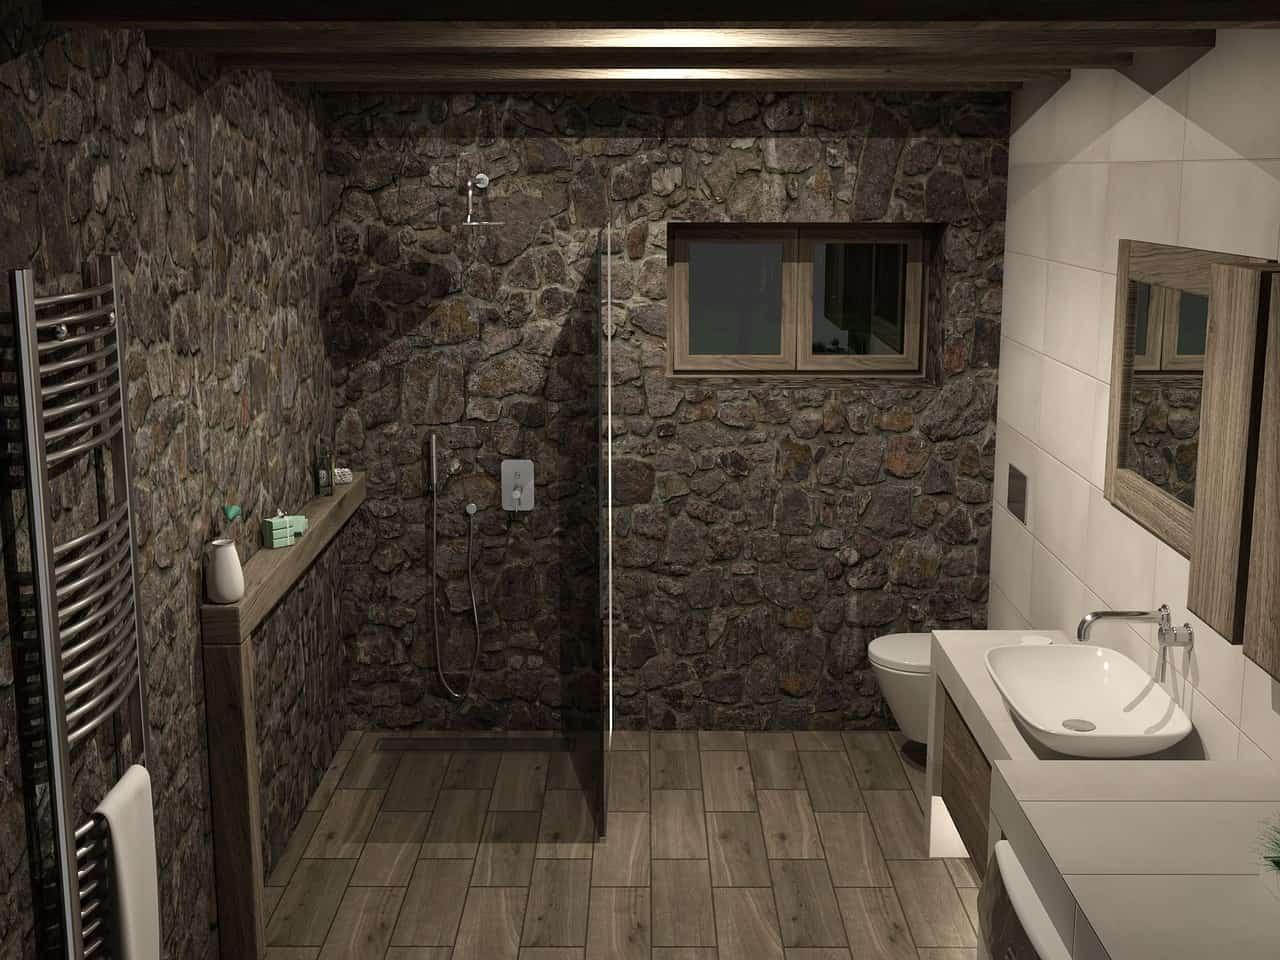 Arredo Bagno In Muratura Moderno.Bagno In Muratura Caratteristiche Costi Vantaggi E Svantaggi Centarr